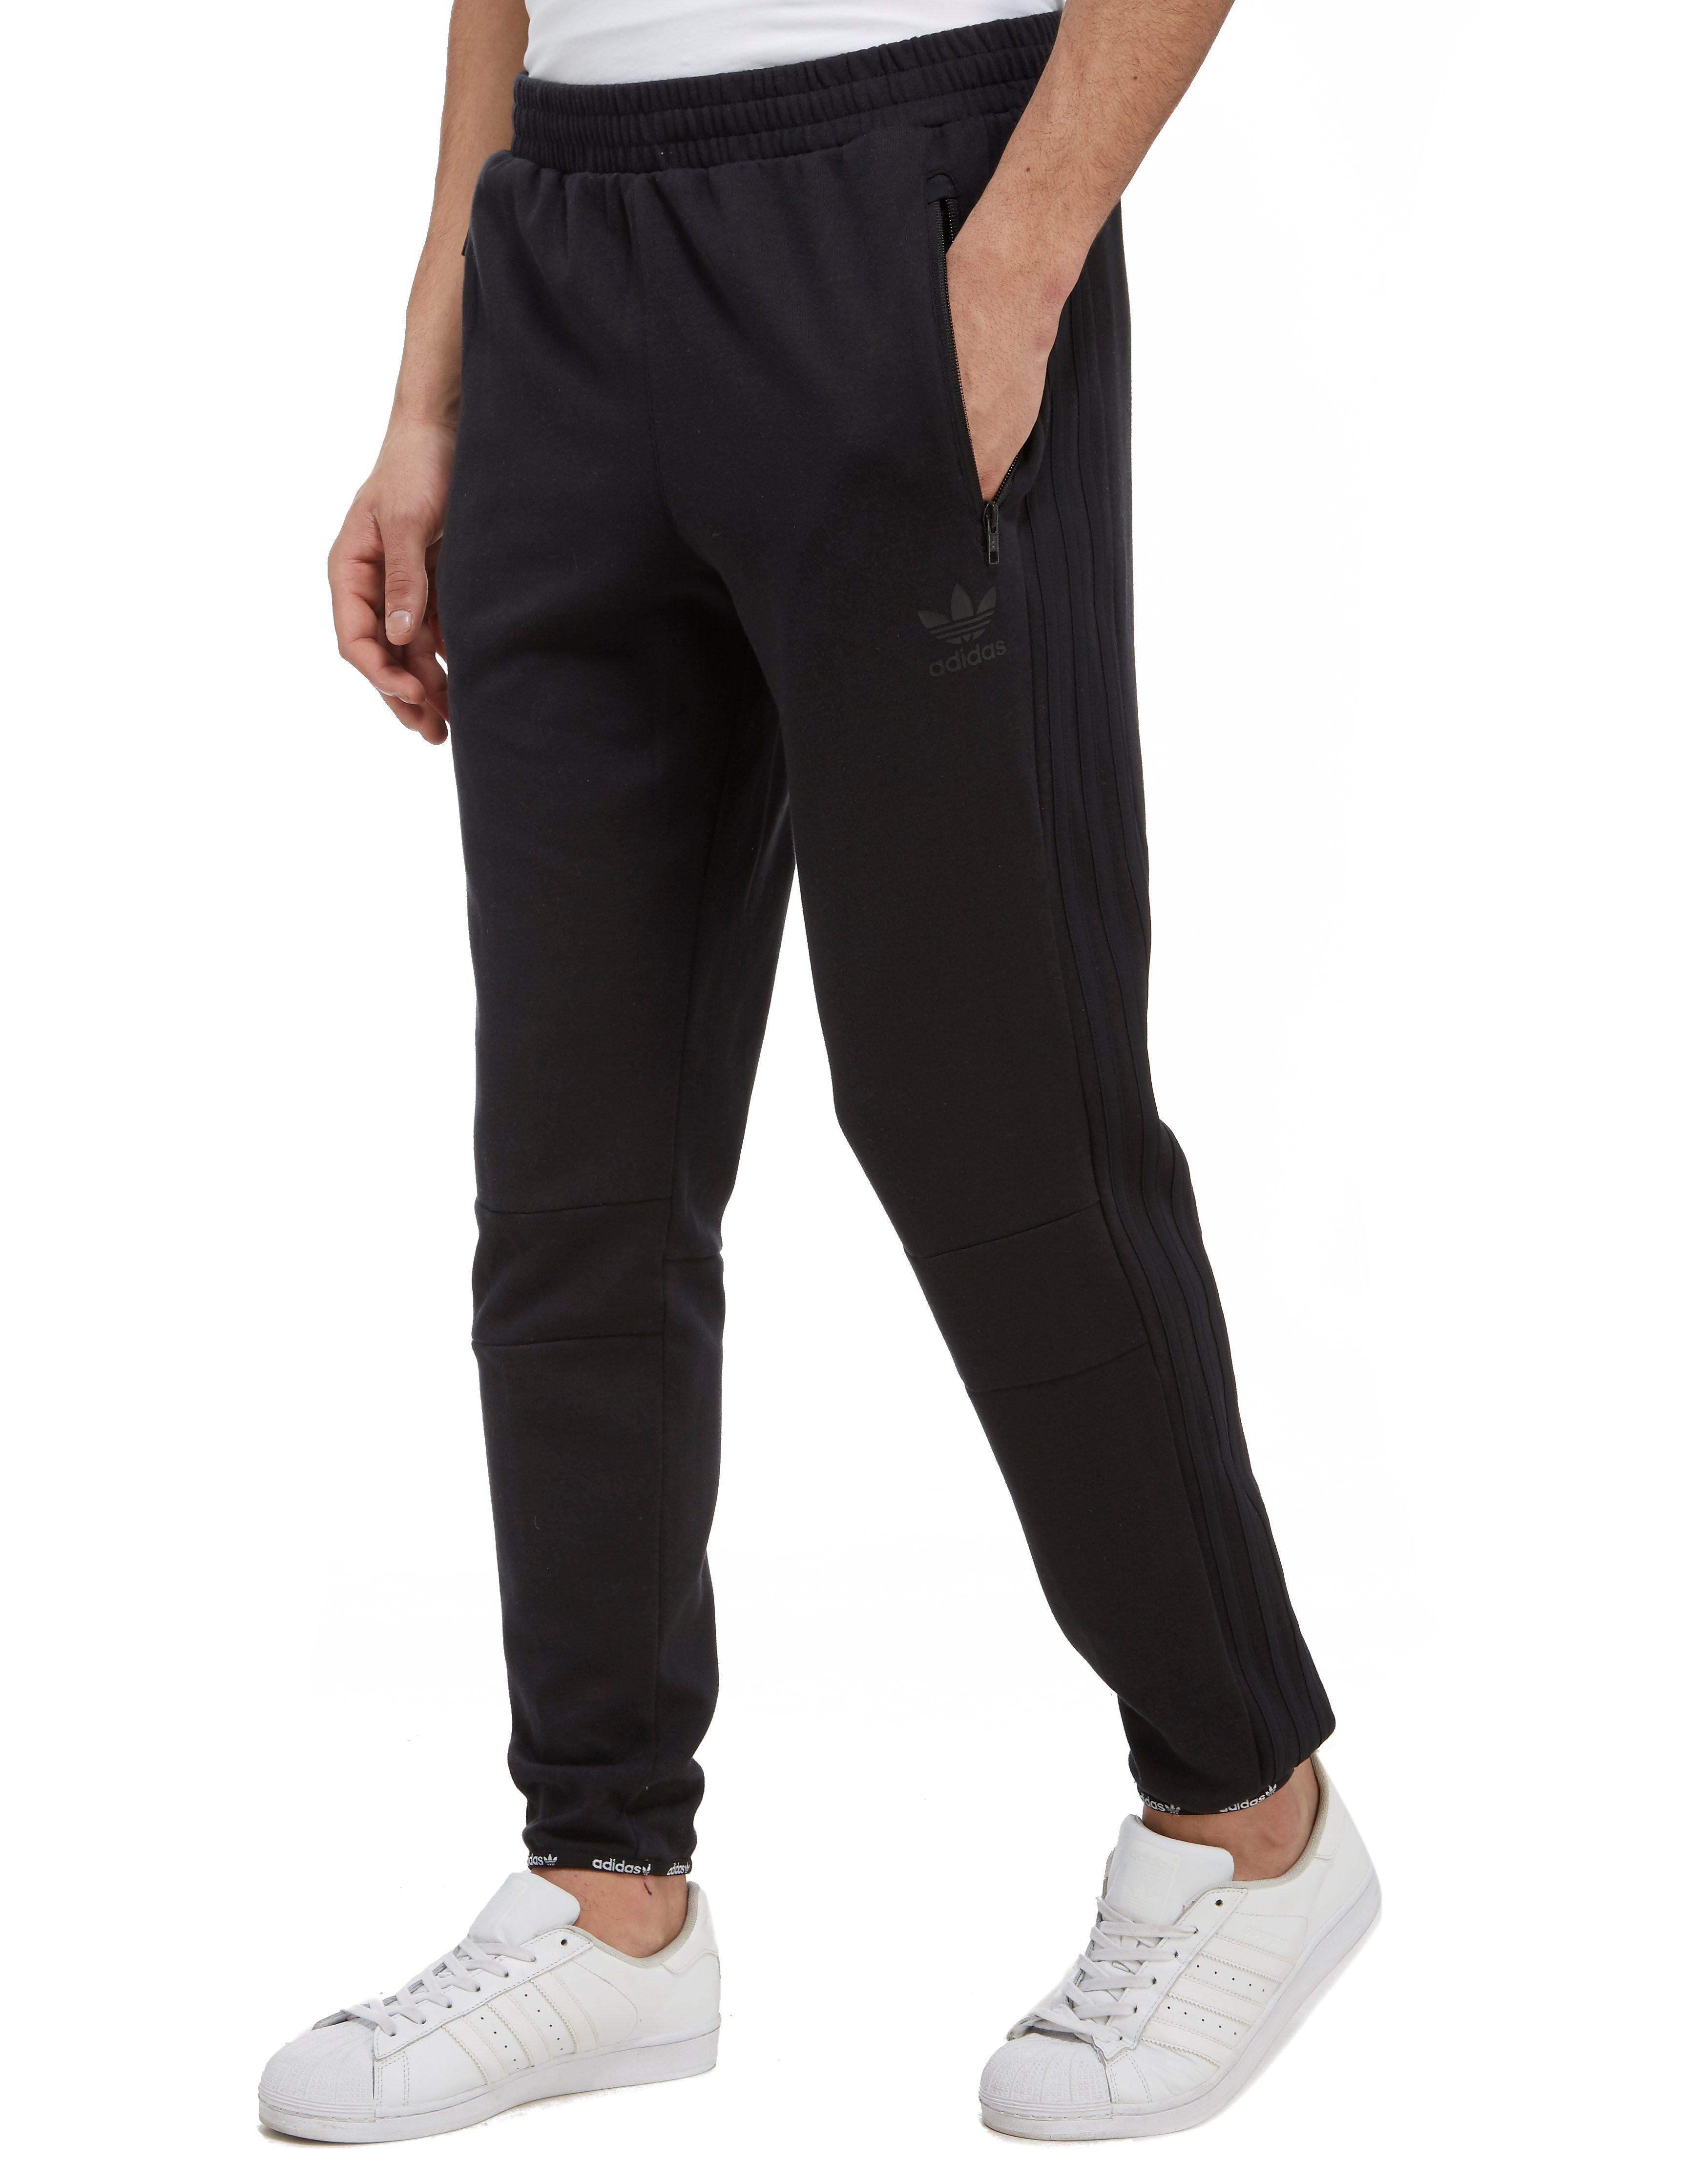 adidas Originals Street Running Tech Pants